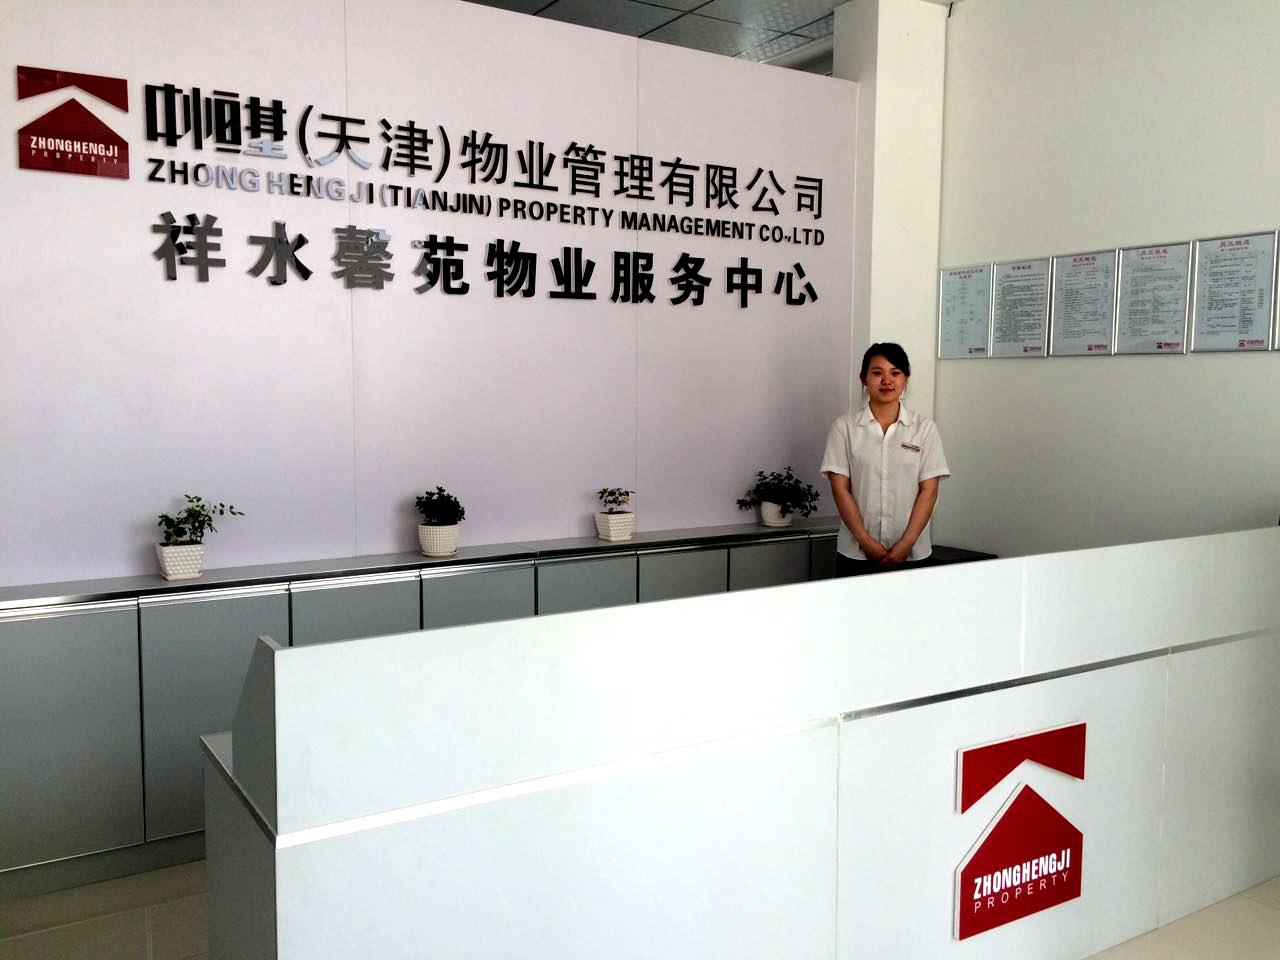 中恒基(天津)物业管理有限公司